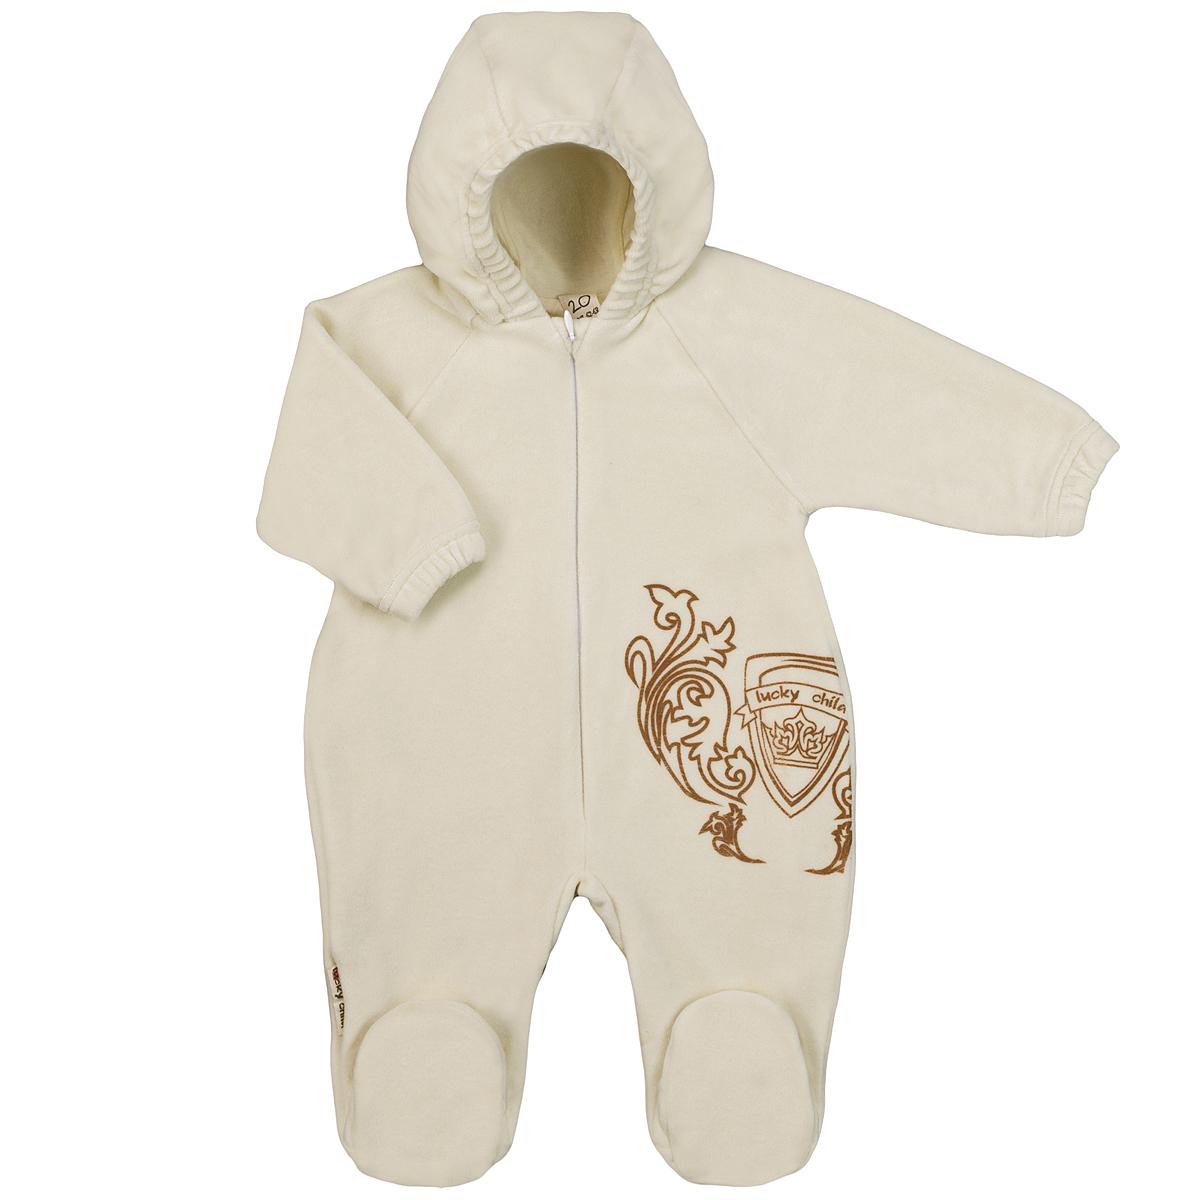 Комбинезон детский Lucky Child, цвет: экрю. 5-4. Размер 74/805-4Детский комбинезон с капюшоном Lucky Child - очень удобный и практичный вид одежды для малышей. Комбинезон выполнен из велюра на подкладке из натурального хлопка, благодаря чему он необычайно мягкий и приятный на ощупь, не раздражают нежную кожу ребенка и хорошо вентилируются, а эластичные швы приятны телу малышки и не препятствуют ее движениям. Комбинезон с длинными рукавами-реглан и закрытыми ножками по центру имеет потайную застежку-молнию, которая помогает легко переодеть младенца или сменить подгузник. Спереди он оформлен оригинальным принтом в виде логотипа бренда. Рукава понизу дополнены неширокими эластичными манжетами, которые мягко обхватывают запястья. С детским комбинезоном Lucky Child спинка и ножки вашего малыша всегда будут в тепле. Комбинезон полностью соответствует особенностям жизни младенца в ранний период, не стесняя и не ограничивая его в движениях!